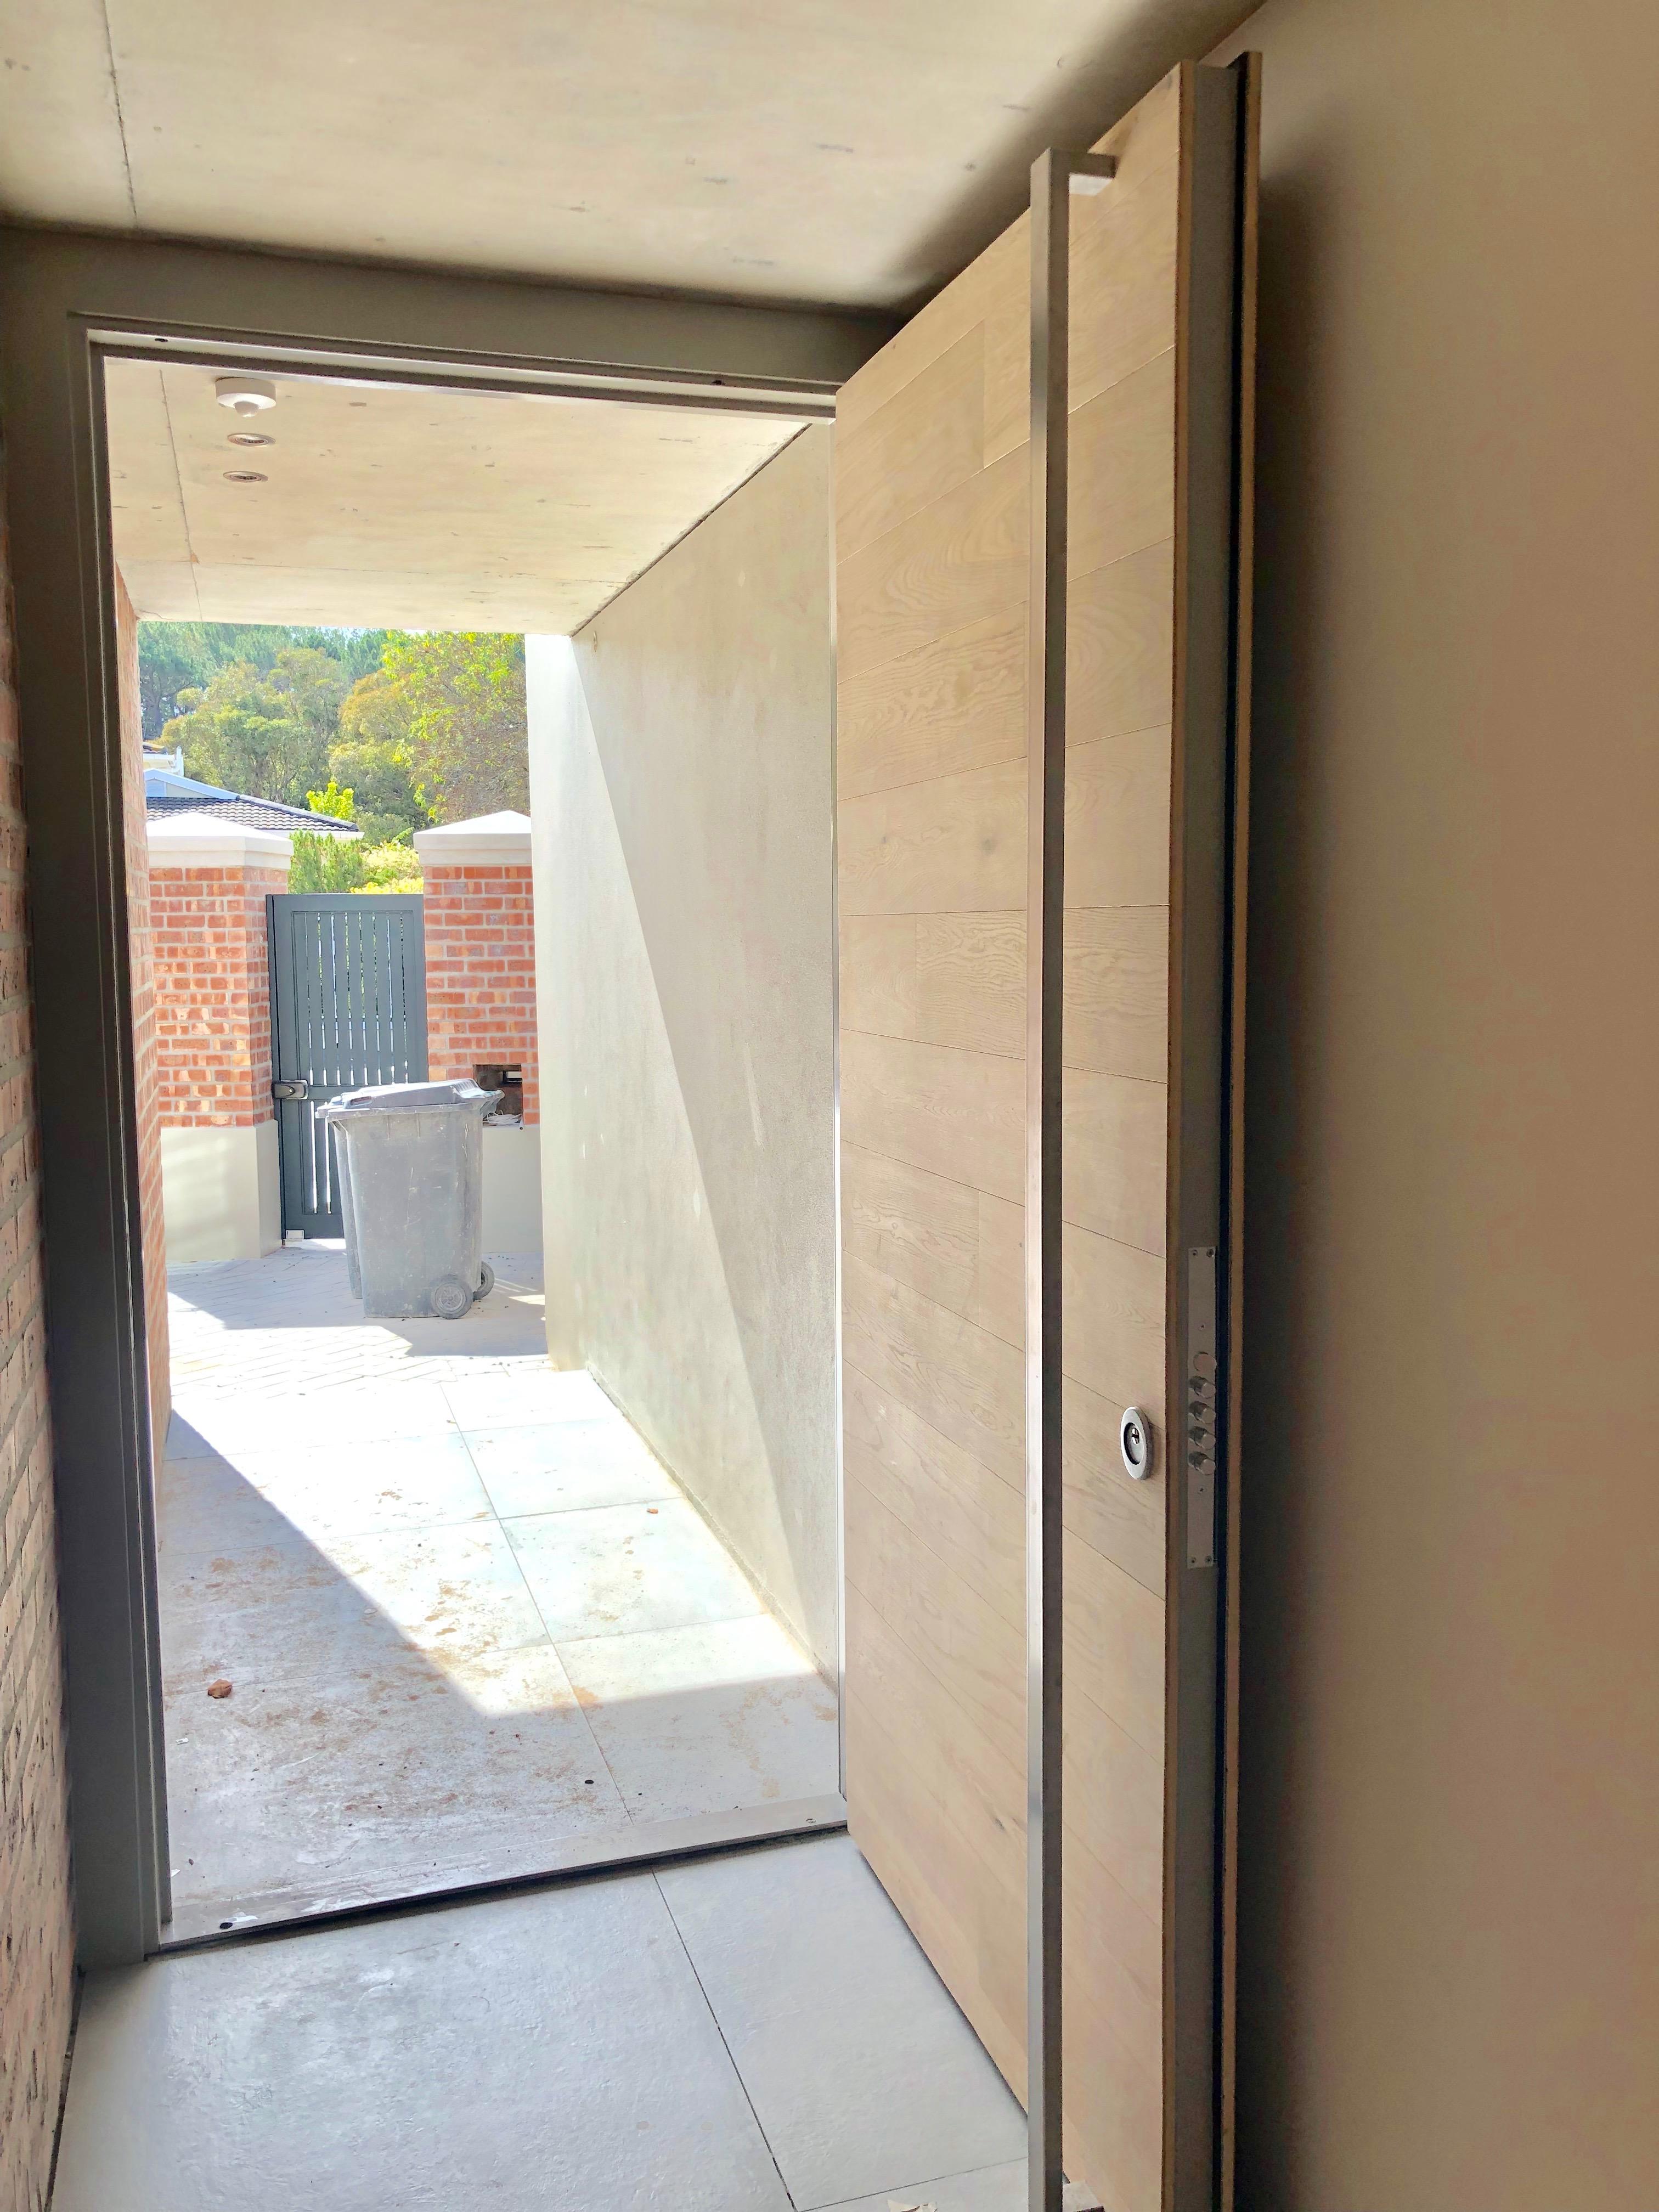 Armored burglar door